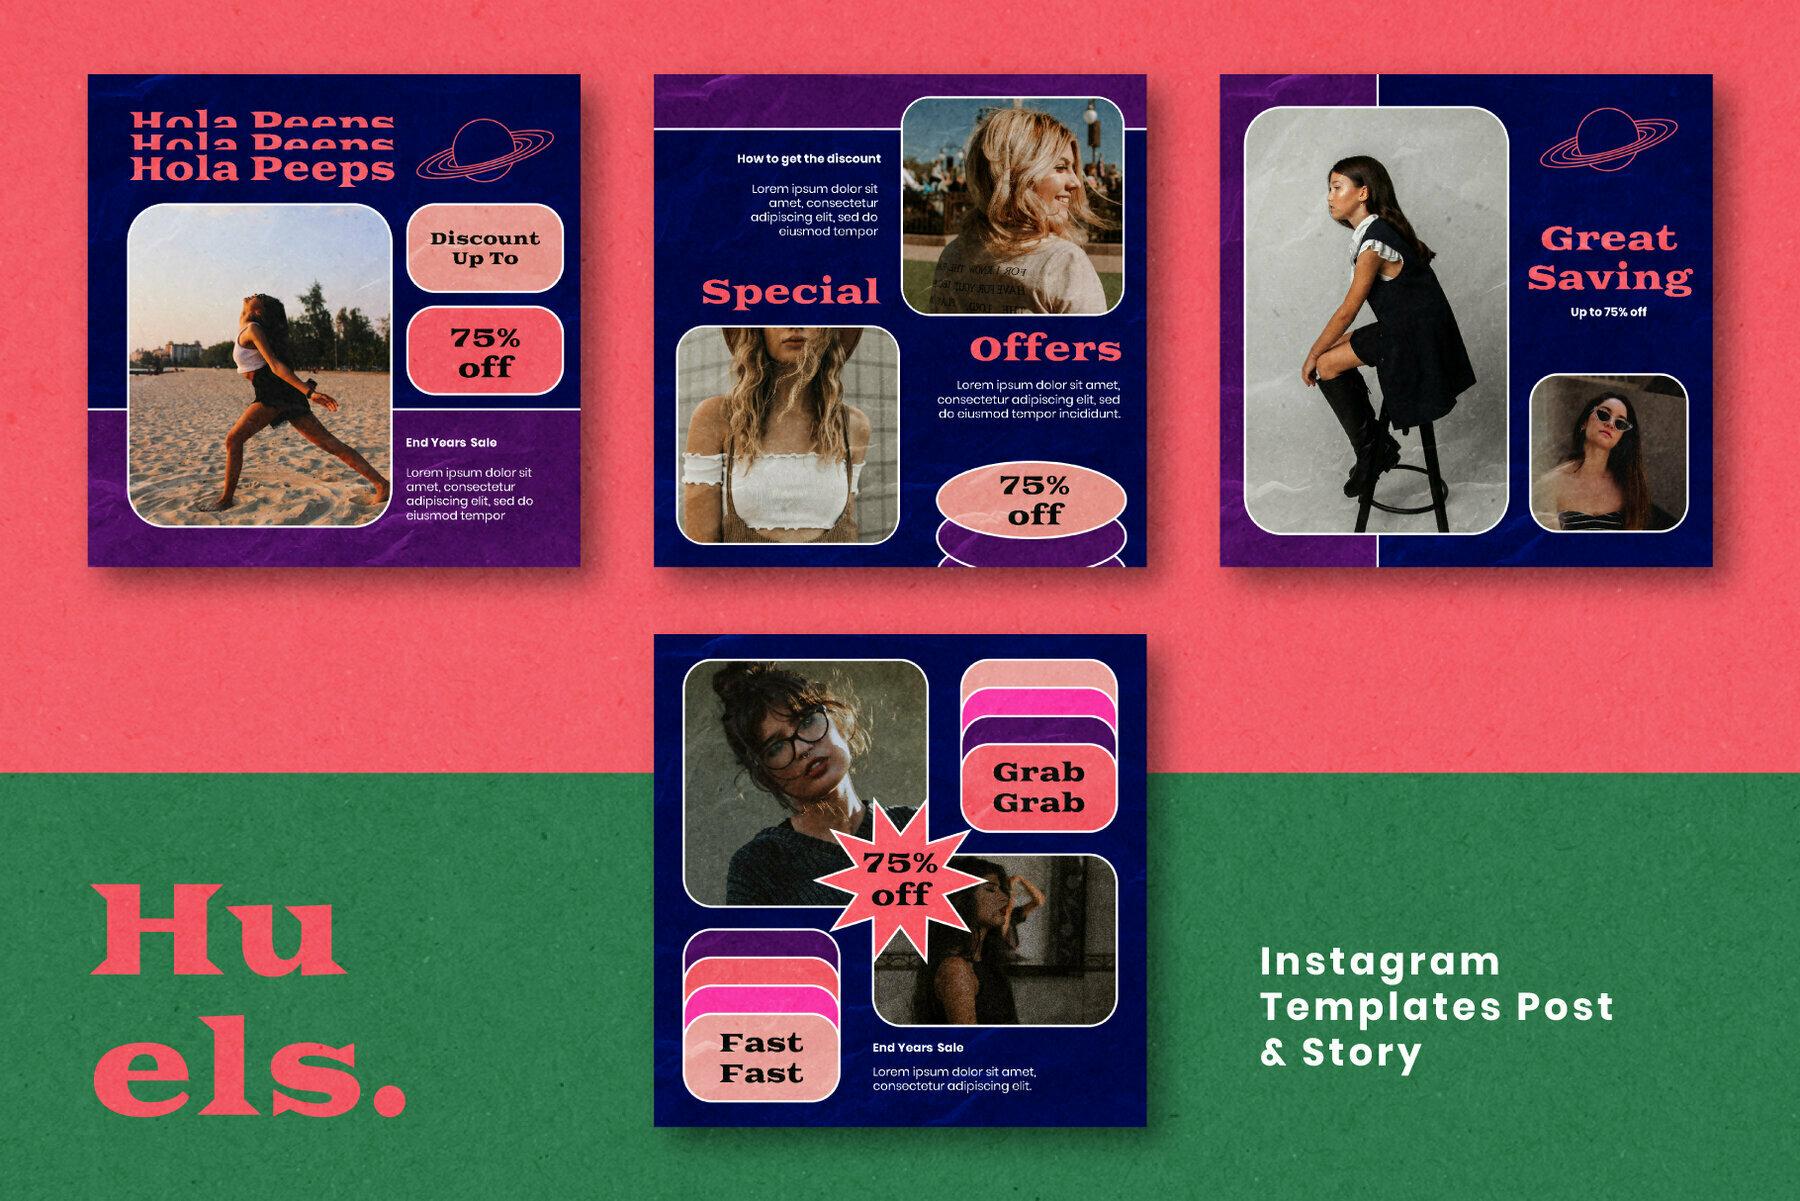 Huels Instagram Template